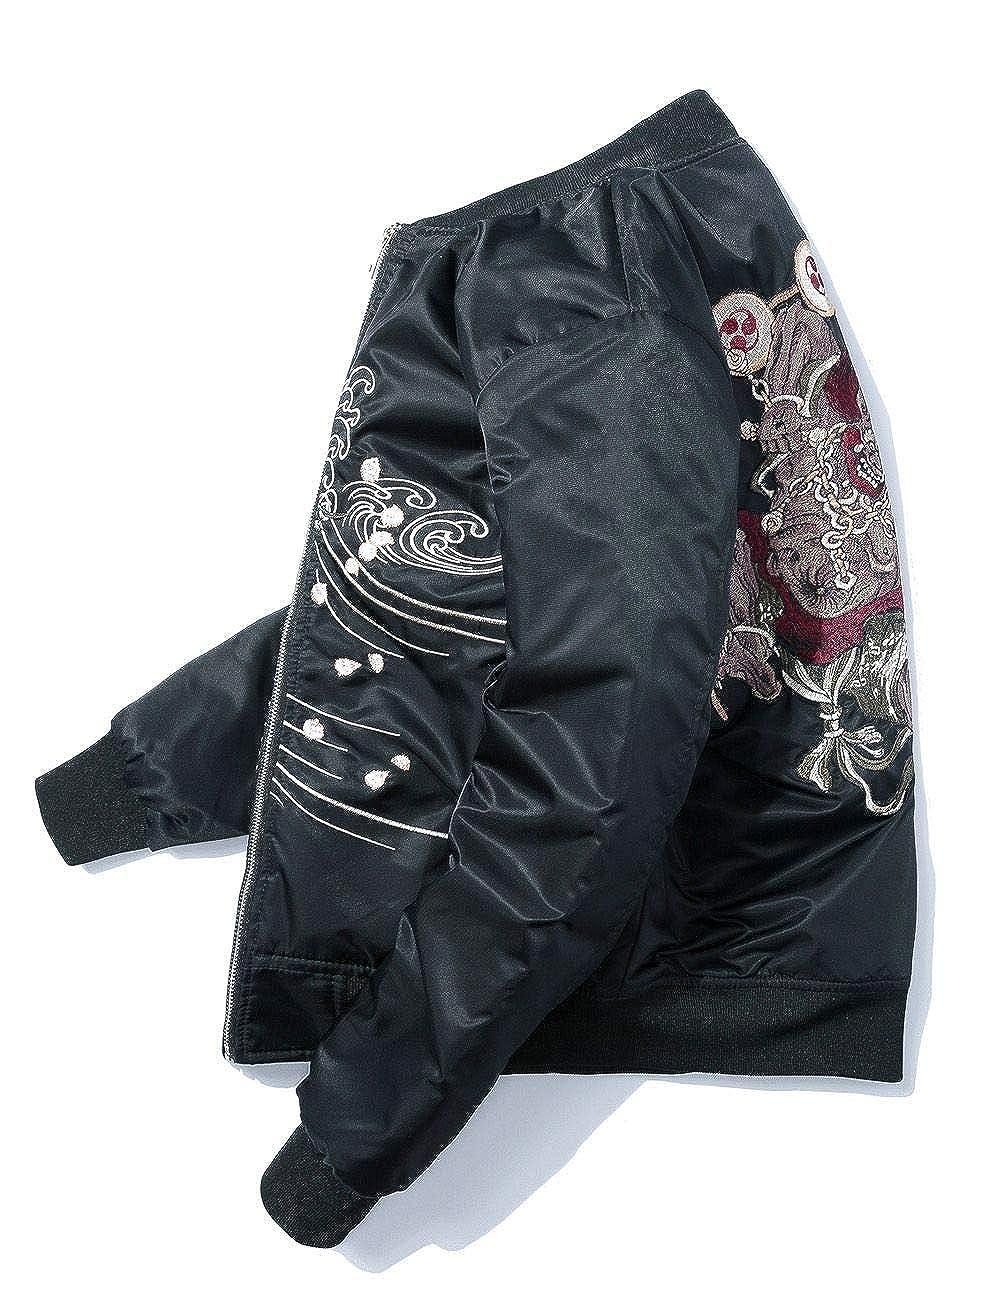 横須賀風 スカジャン MA-1 B2017 メンズ ミリタリー 長袖 バイクジャンパー 風神雷神 カジュアル 刺繍